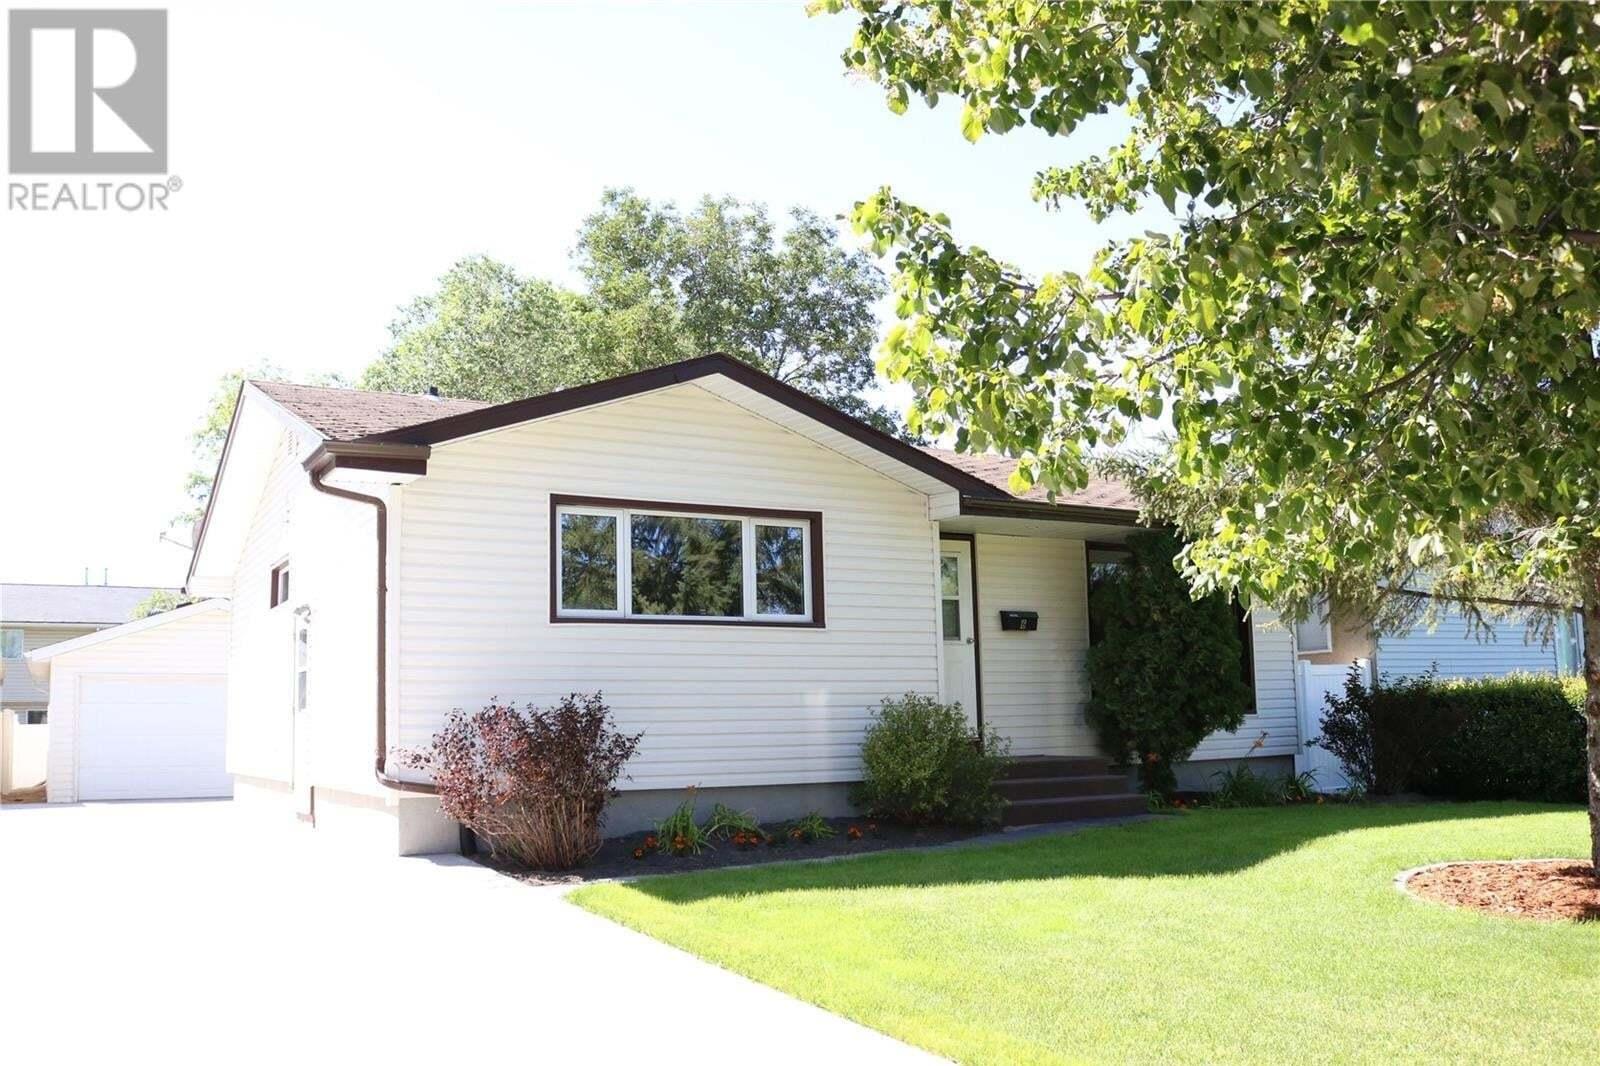 House for sale at 6 Bedford Cres Regina Saskatchewan - MLS: SK827040